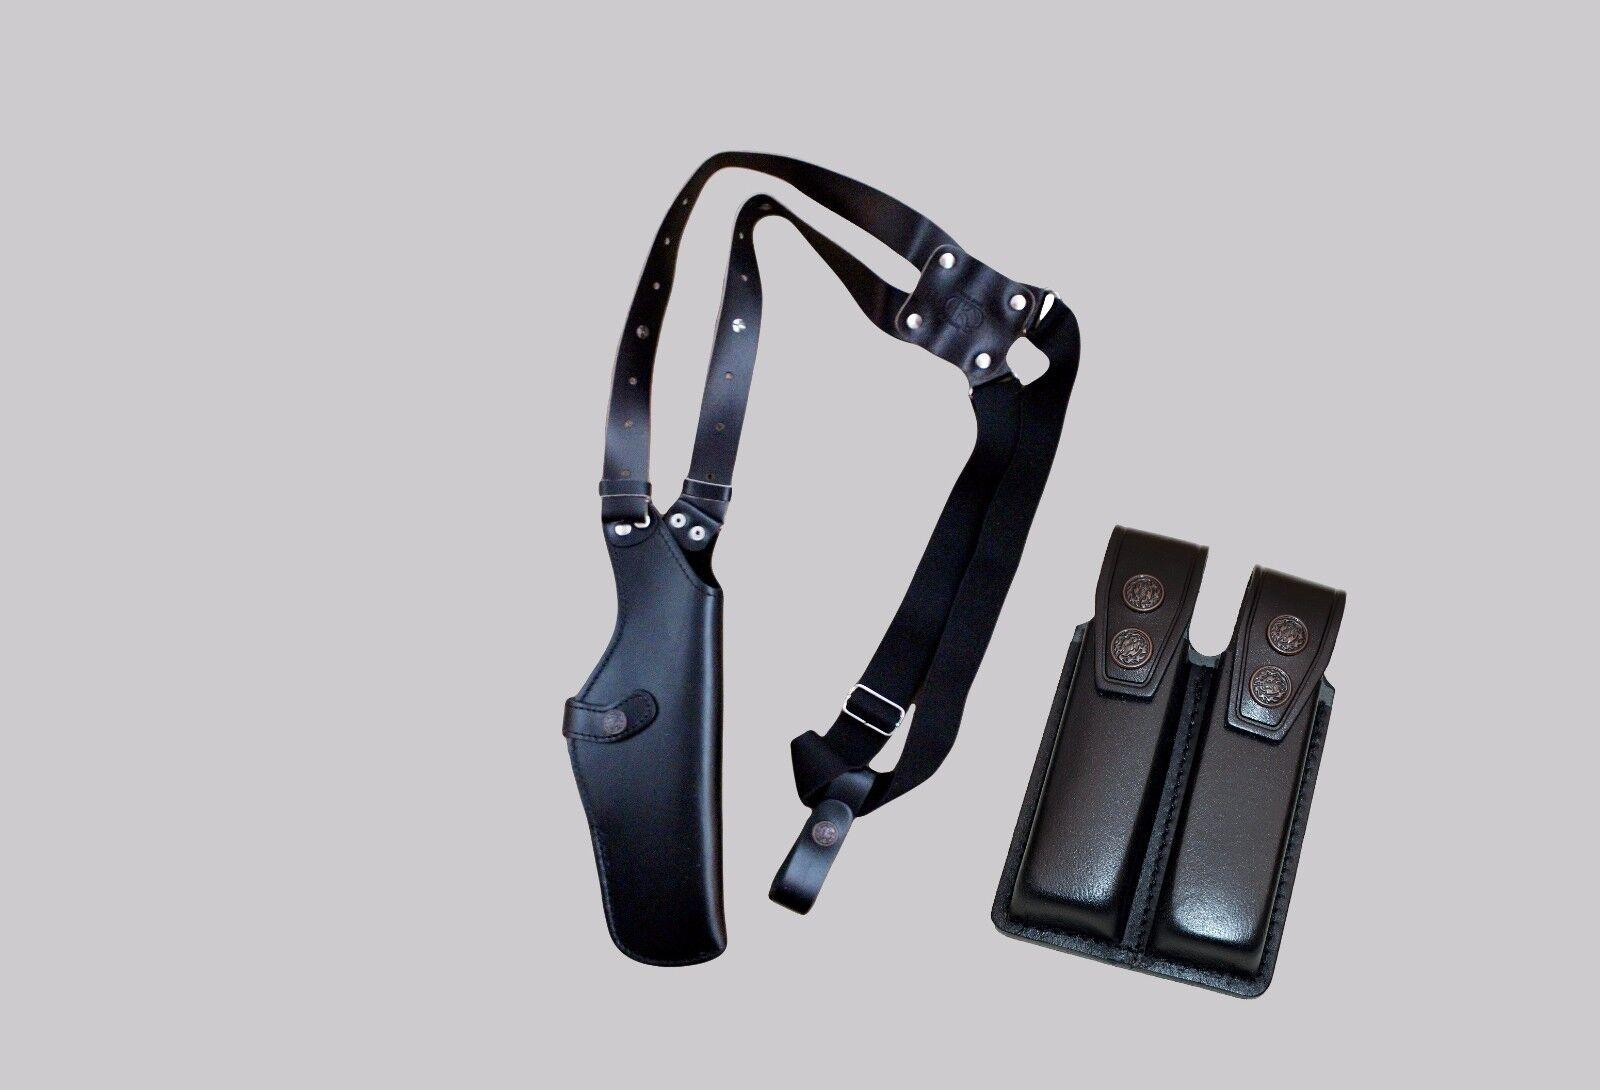 K 45206 Blck Funda de Hombro & doble bolsa del Mag Para Semi-autos hasta 5  hecho a mano